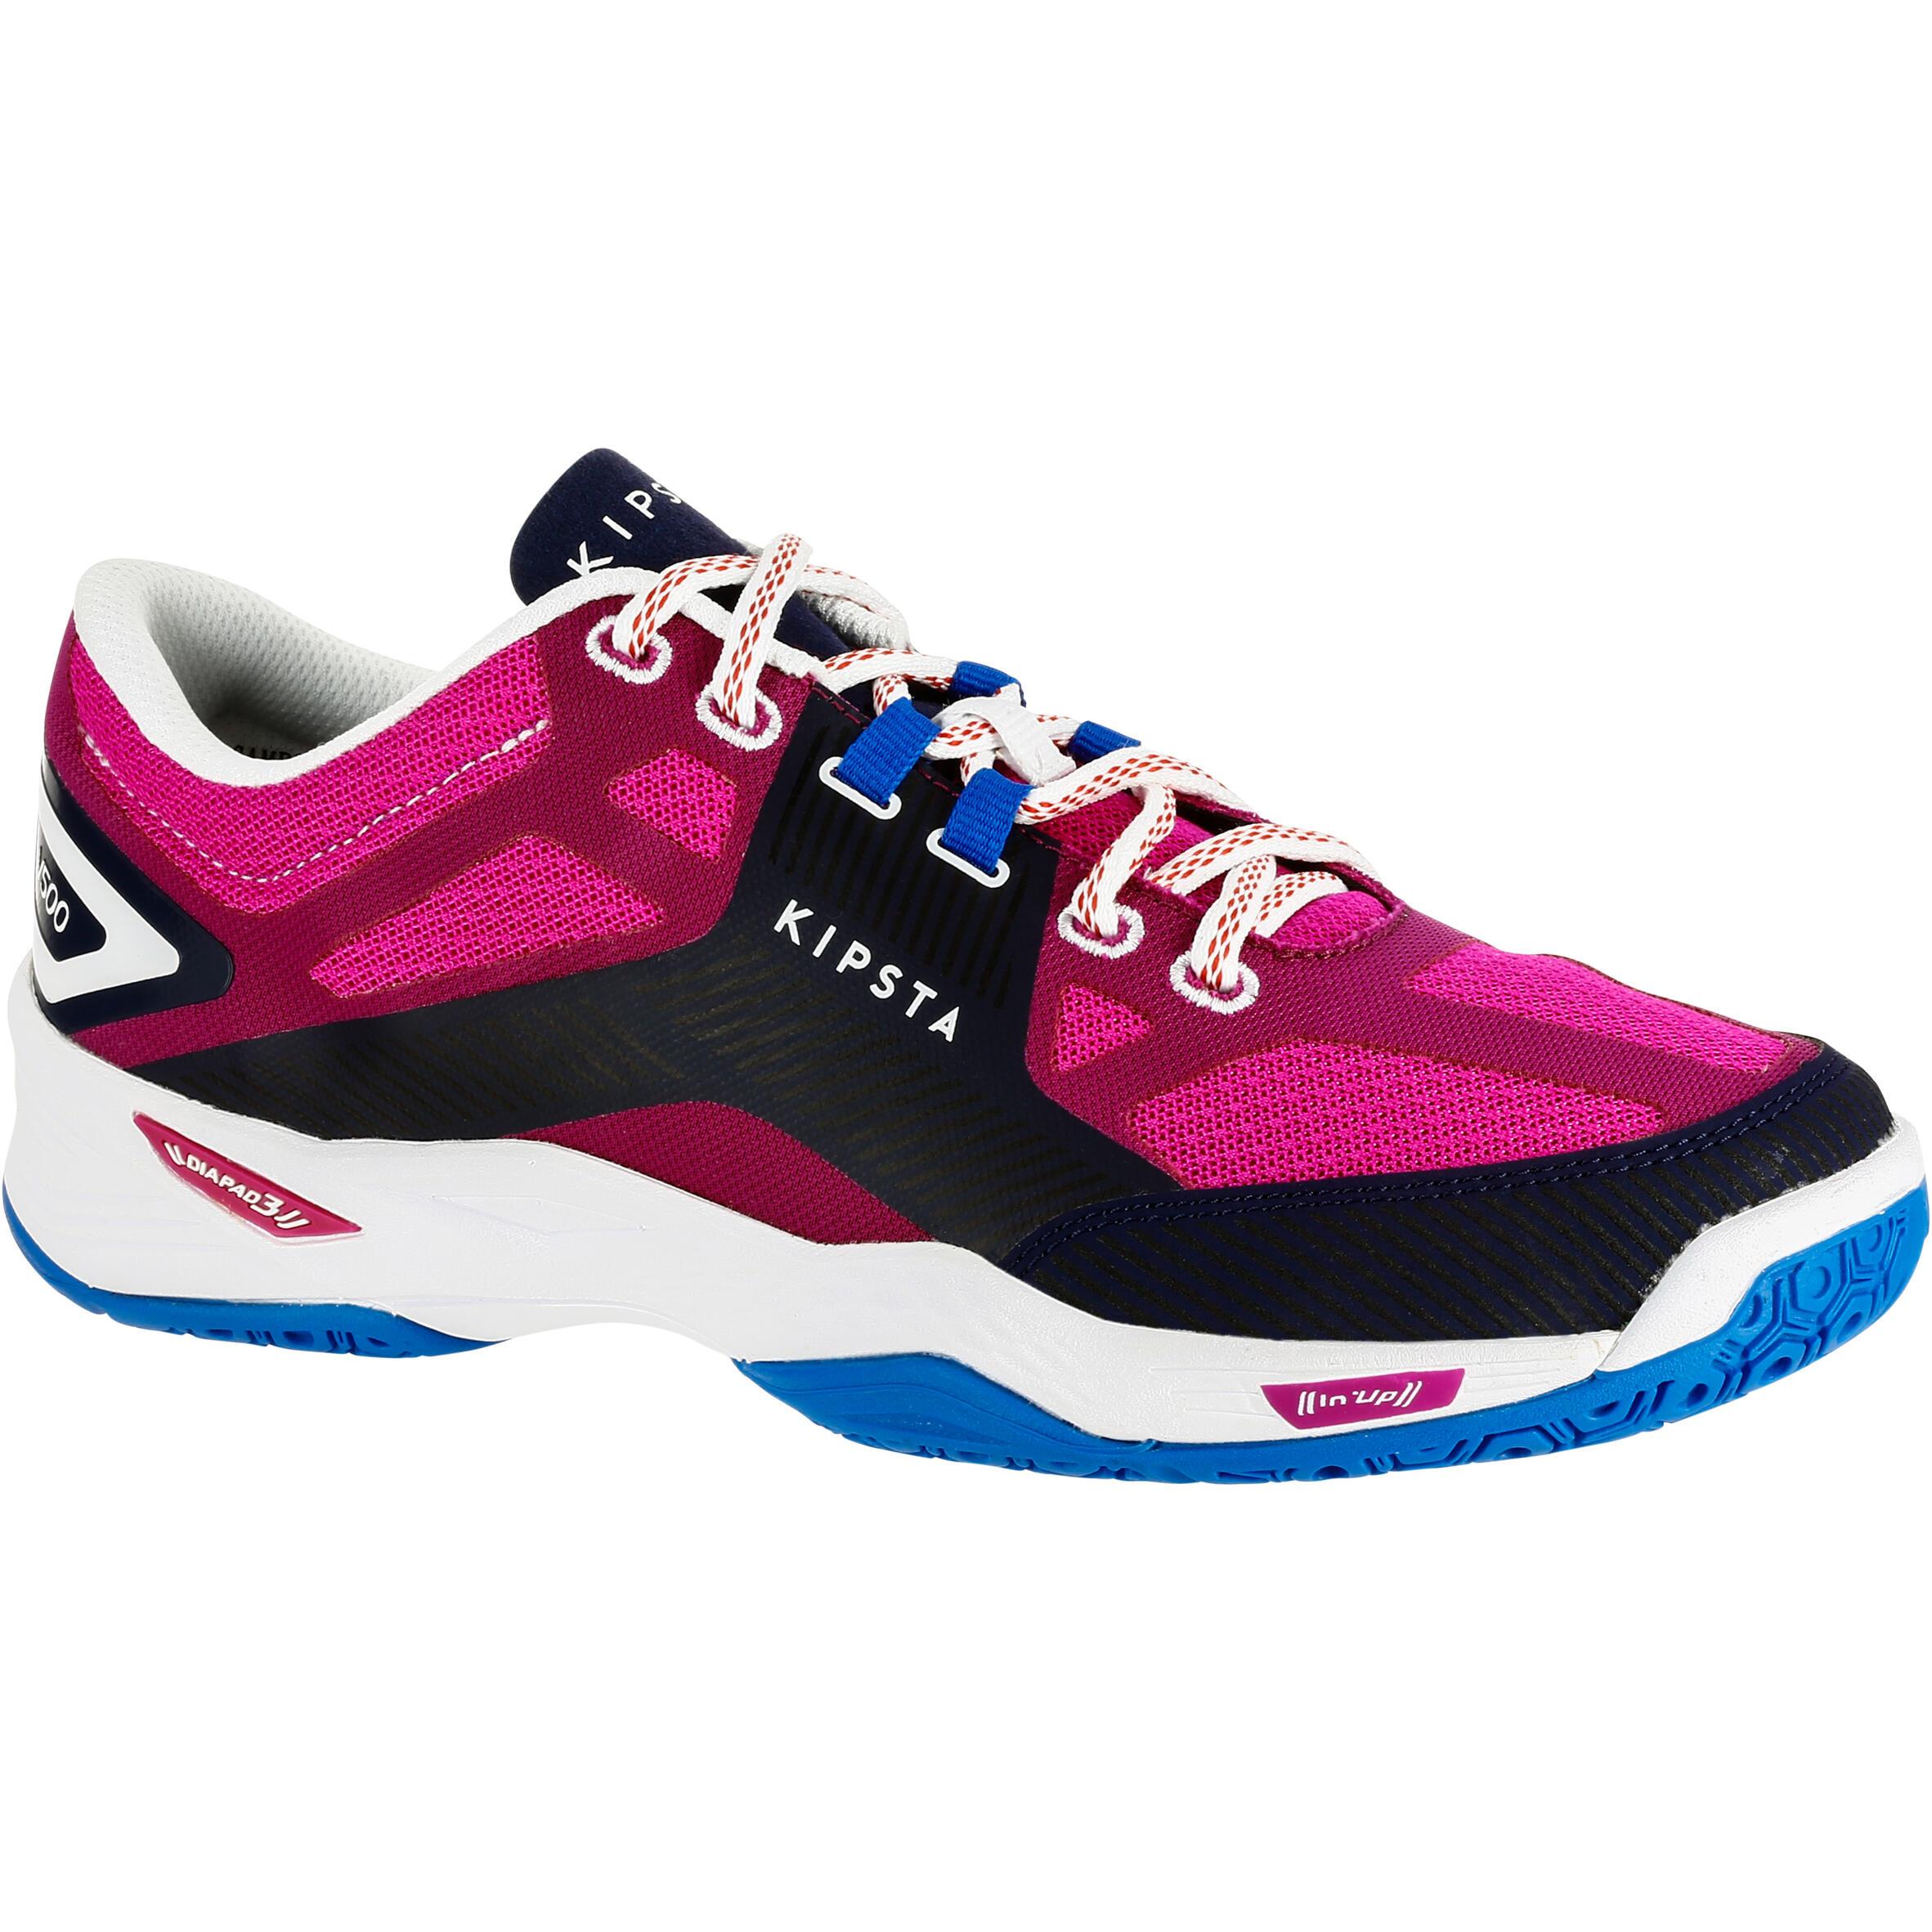 2413634 Kipsta Volleybalschoenen dames V500 blauw/roze